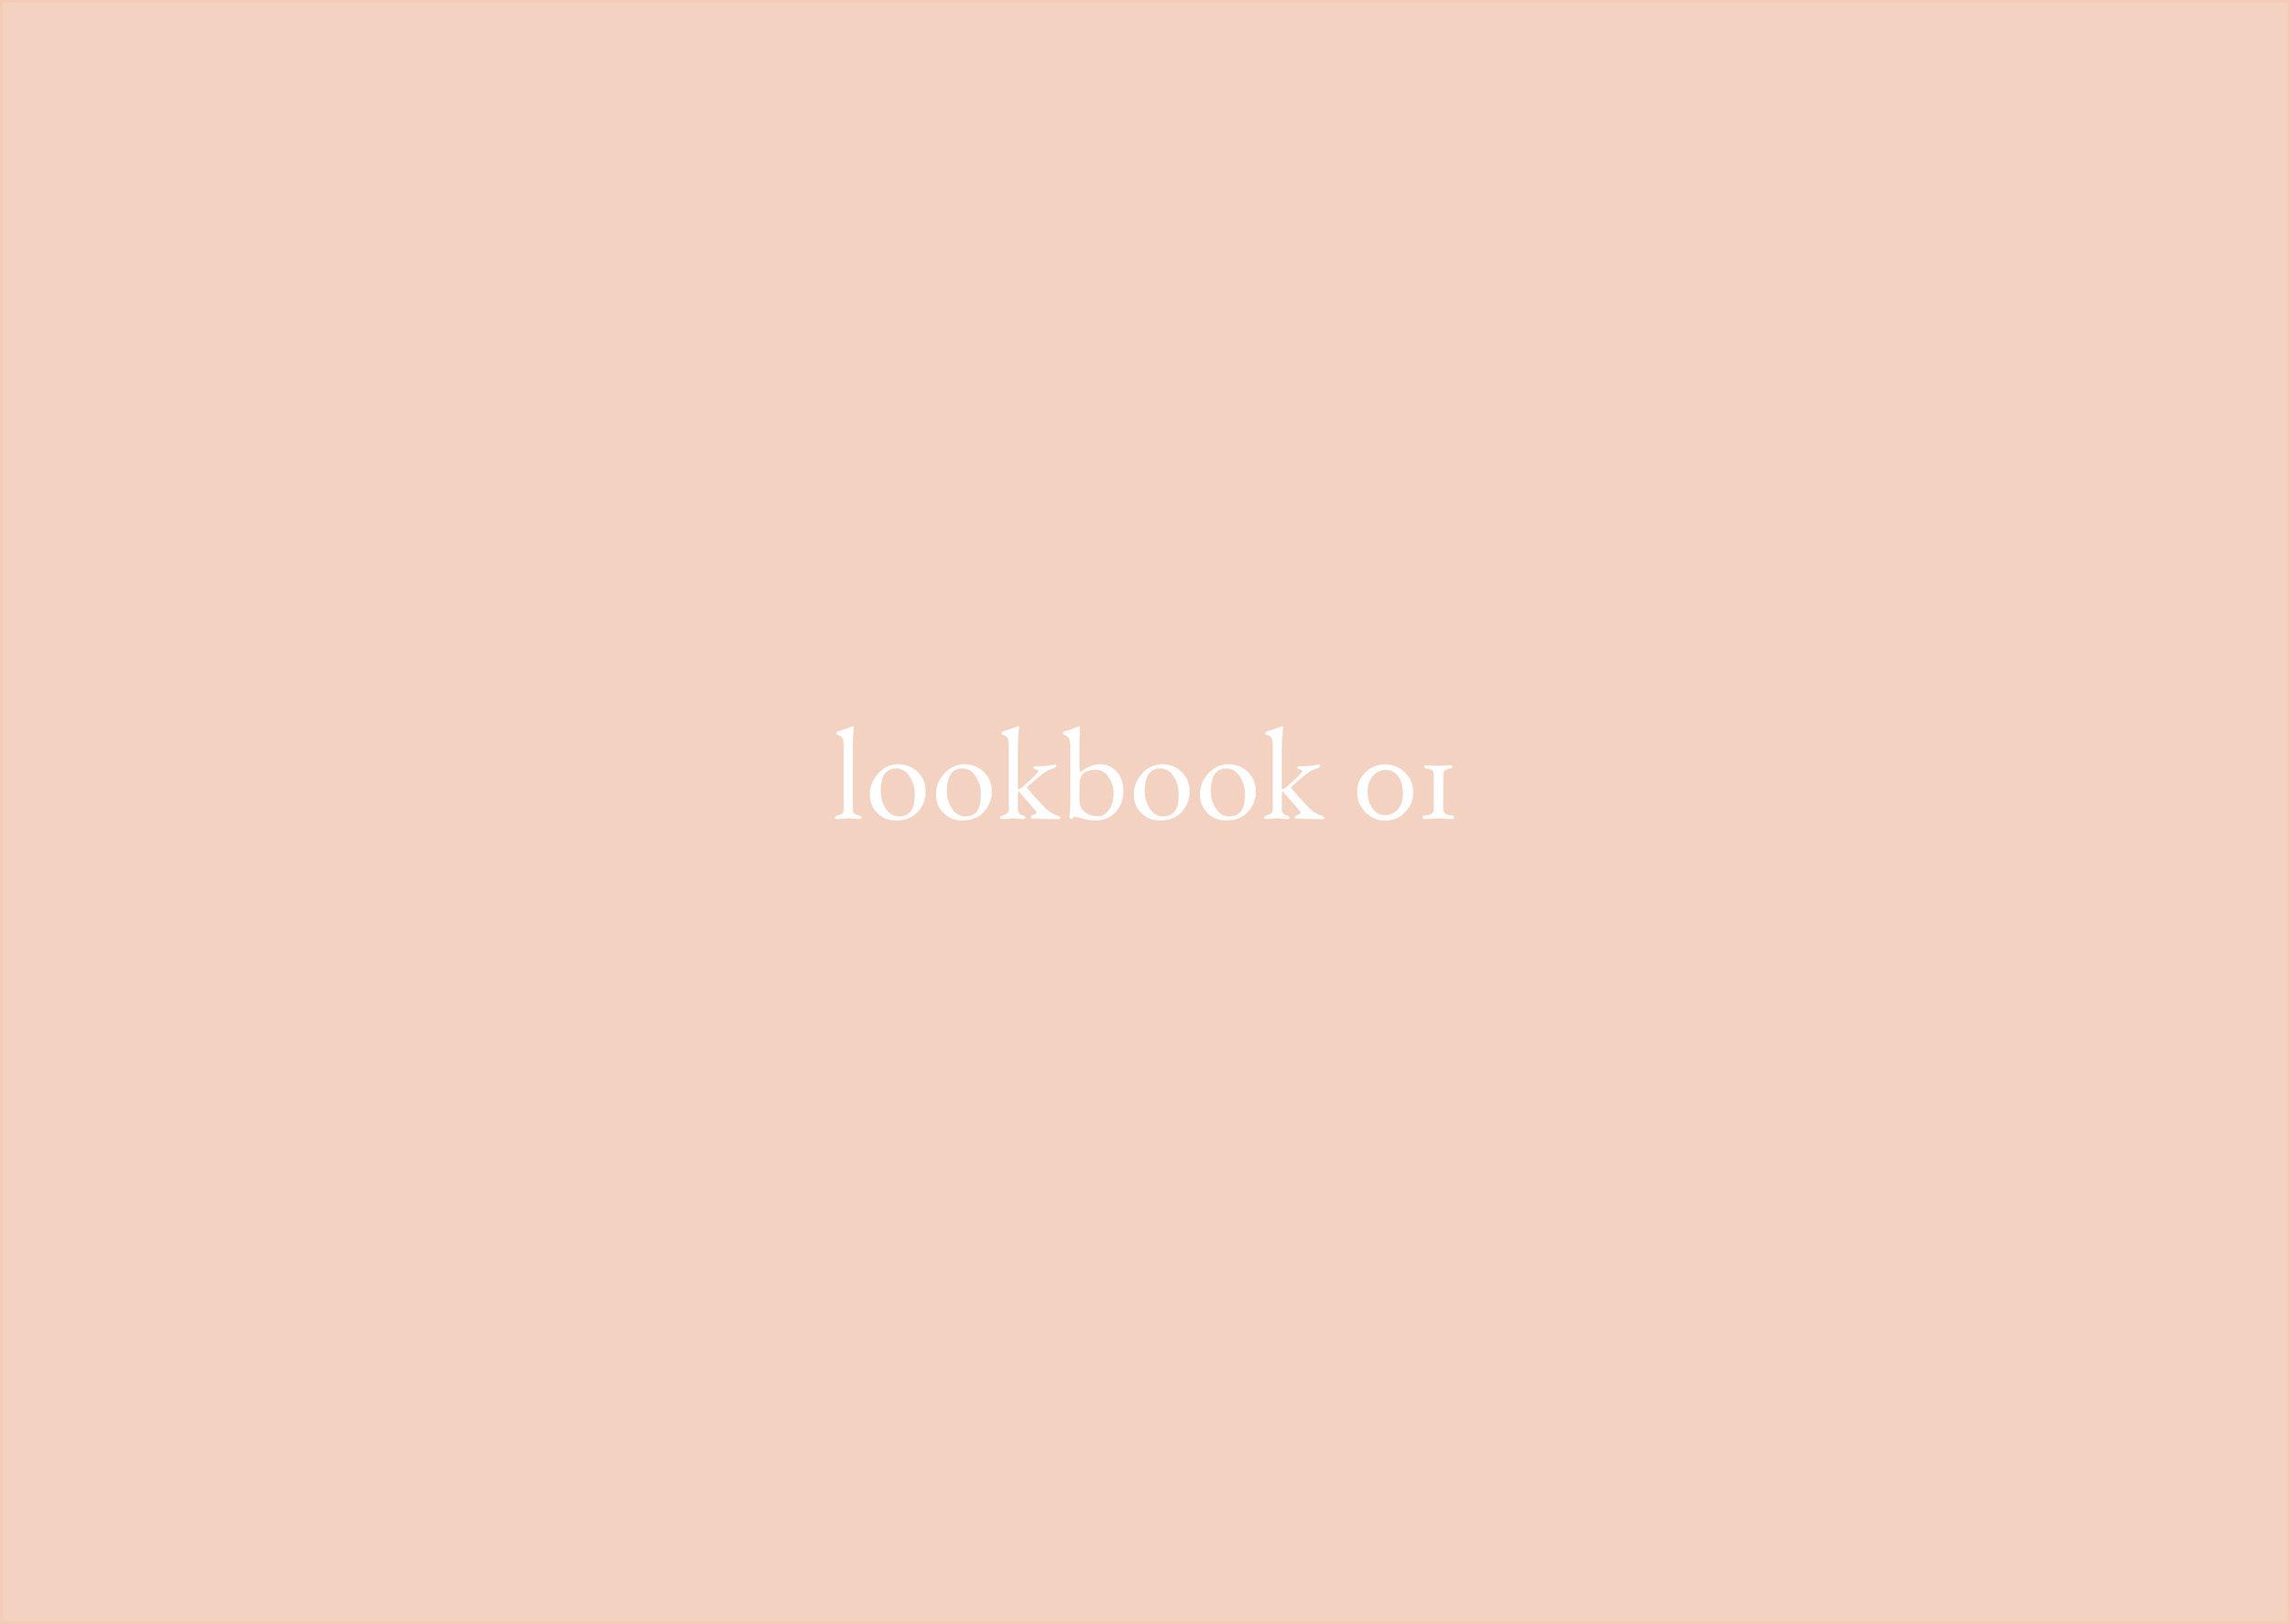 shoreditchnails_lookbook_cover.jpg